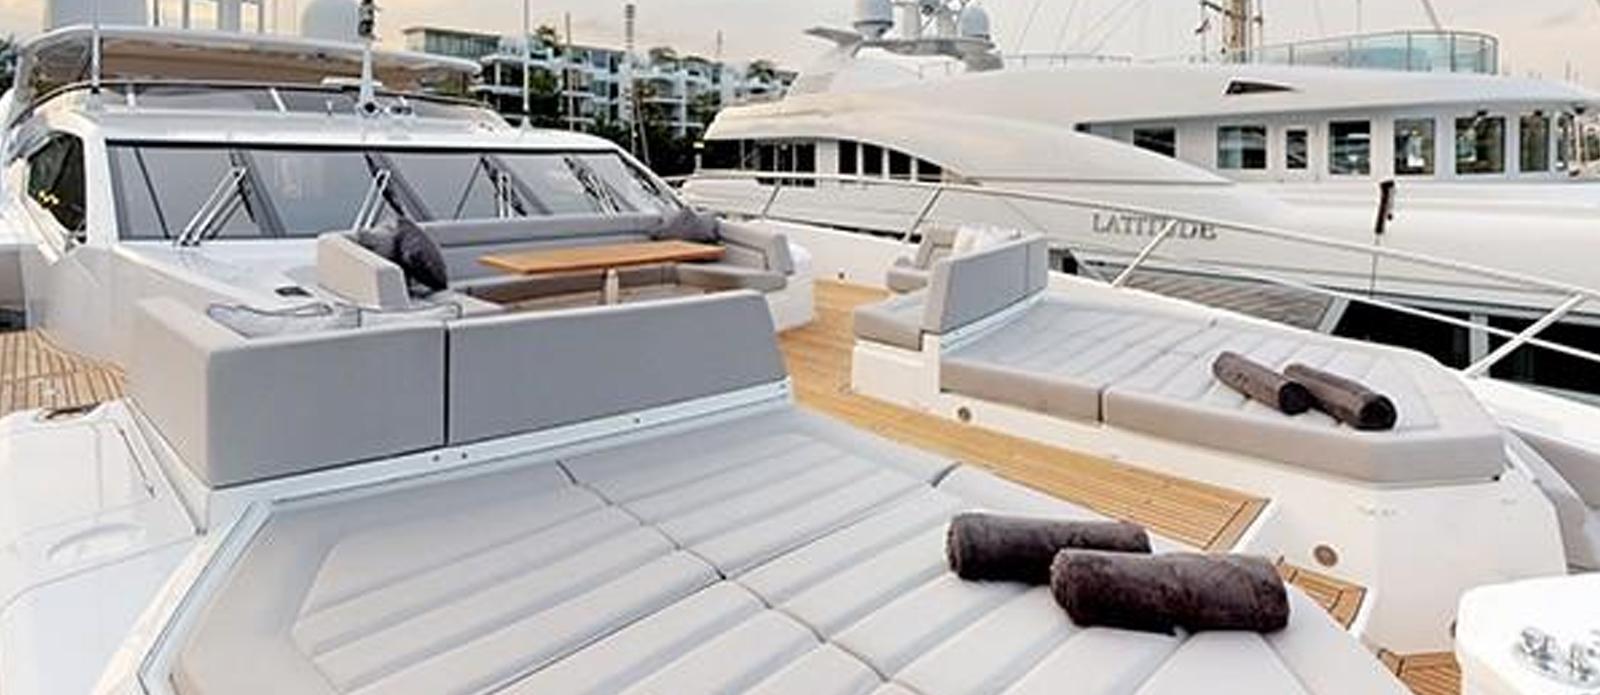 Sunseeker-116-Sport-Yacht-Priceless-19